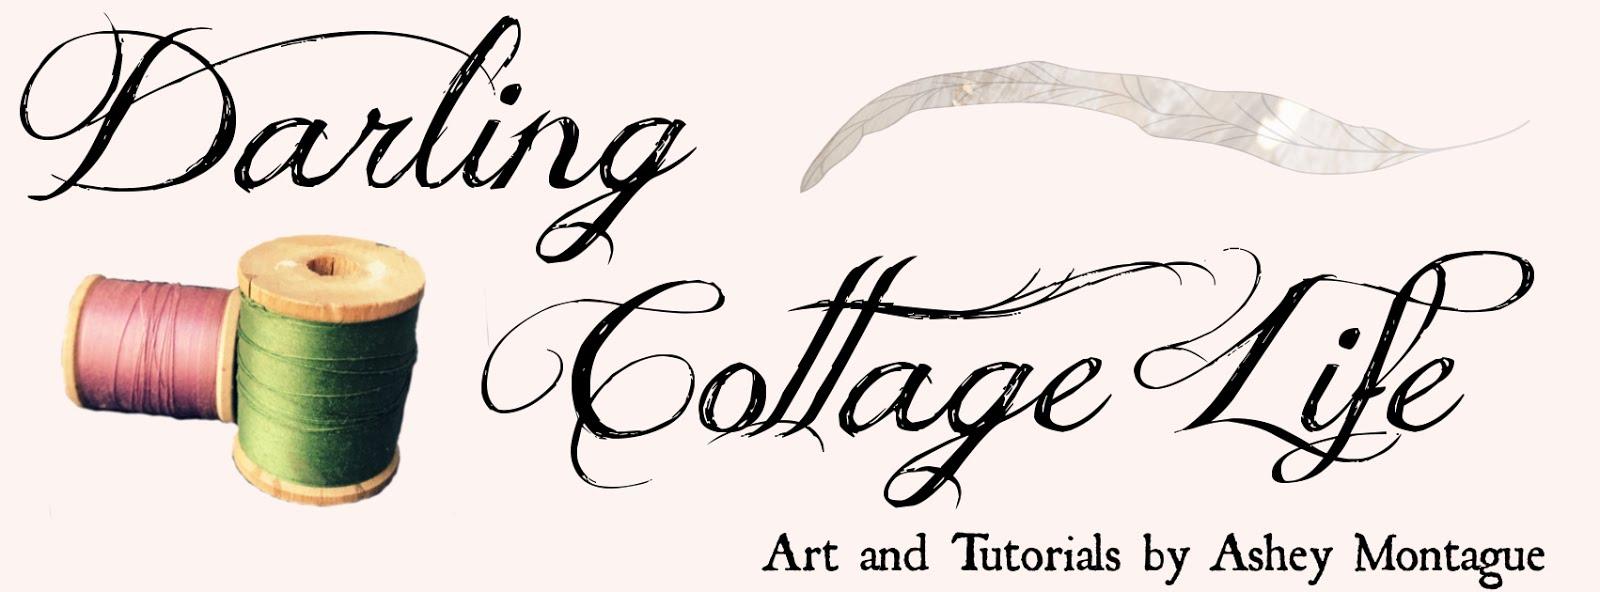 Darling Cottage Life